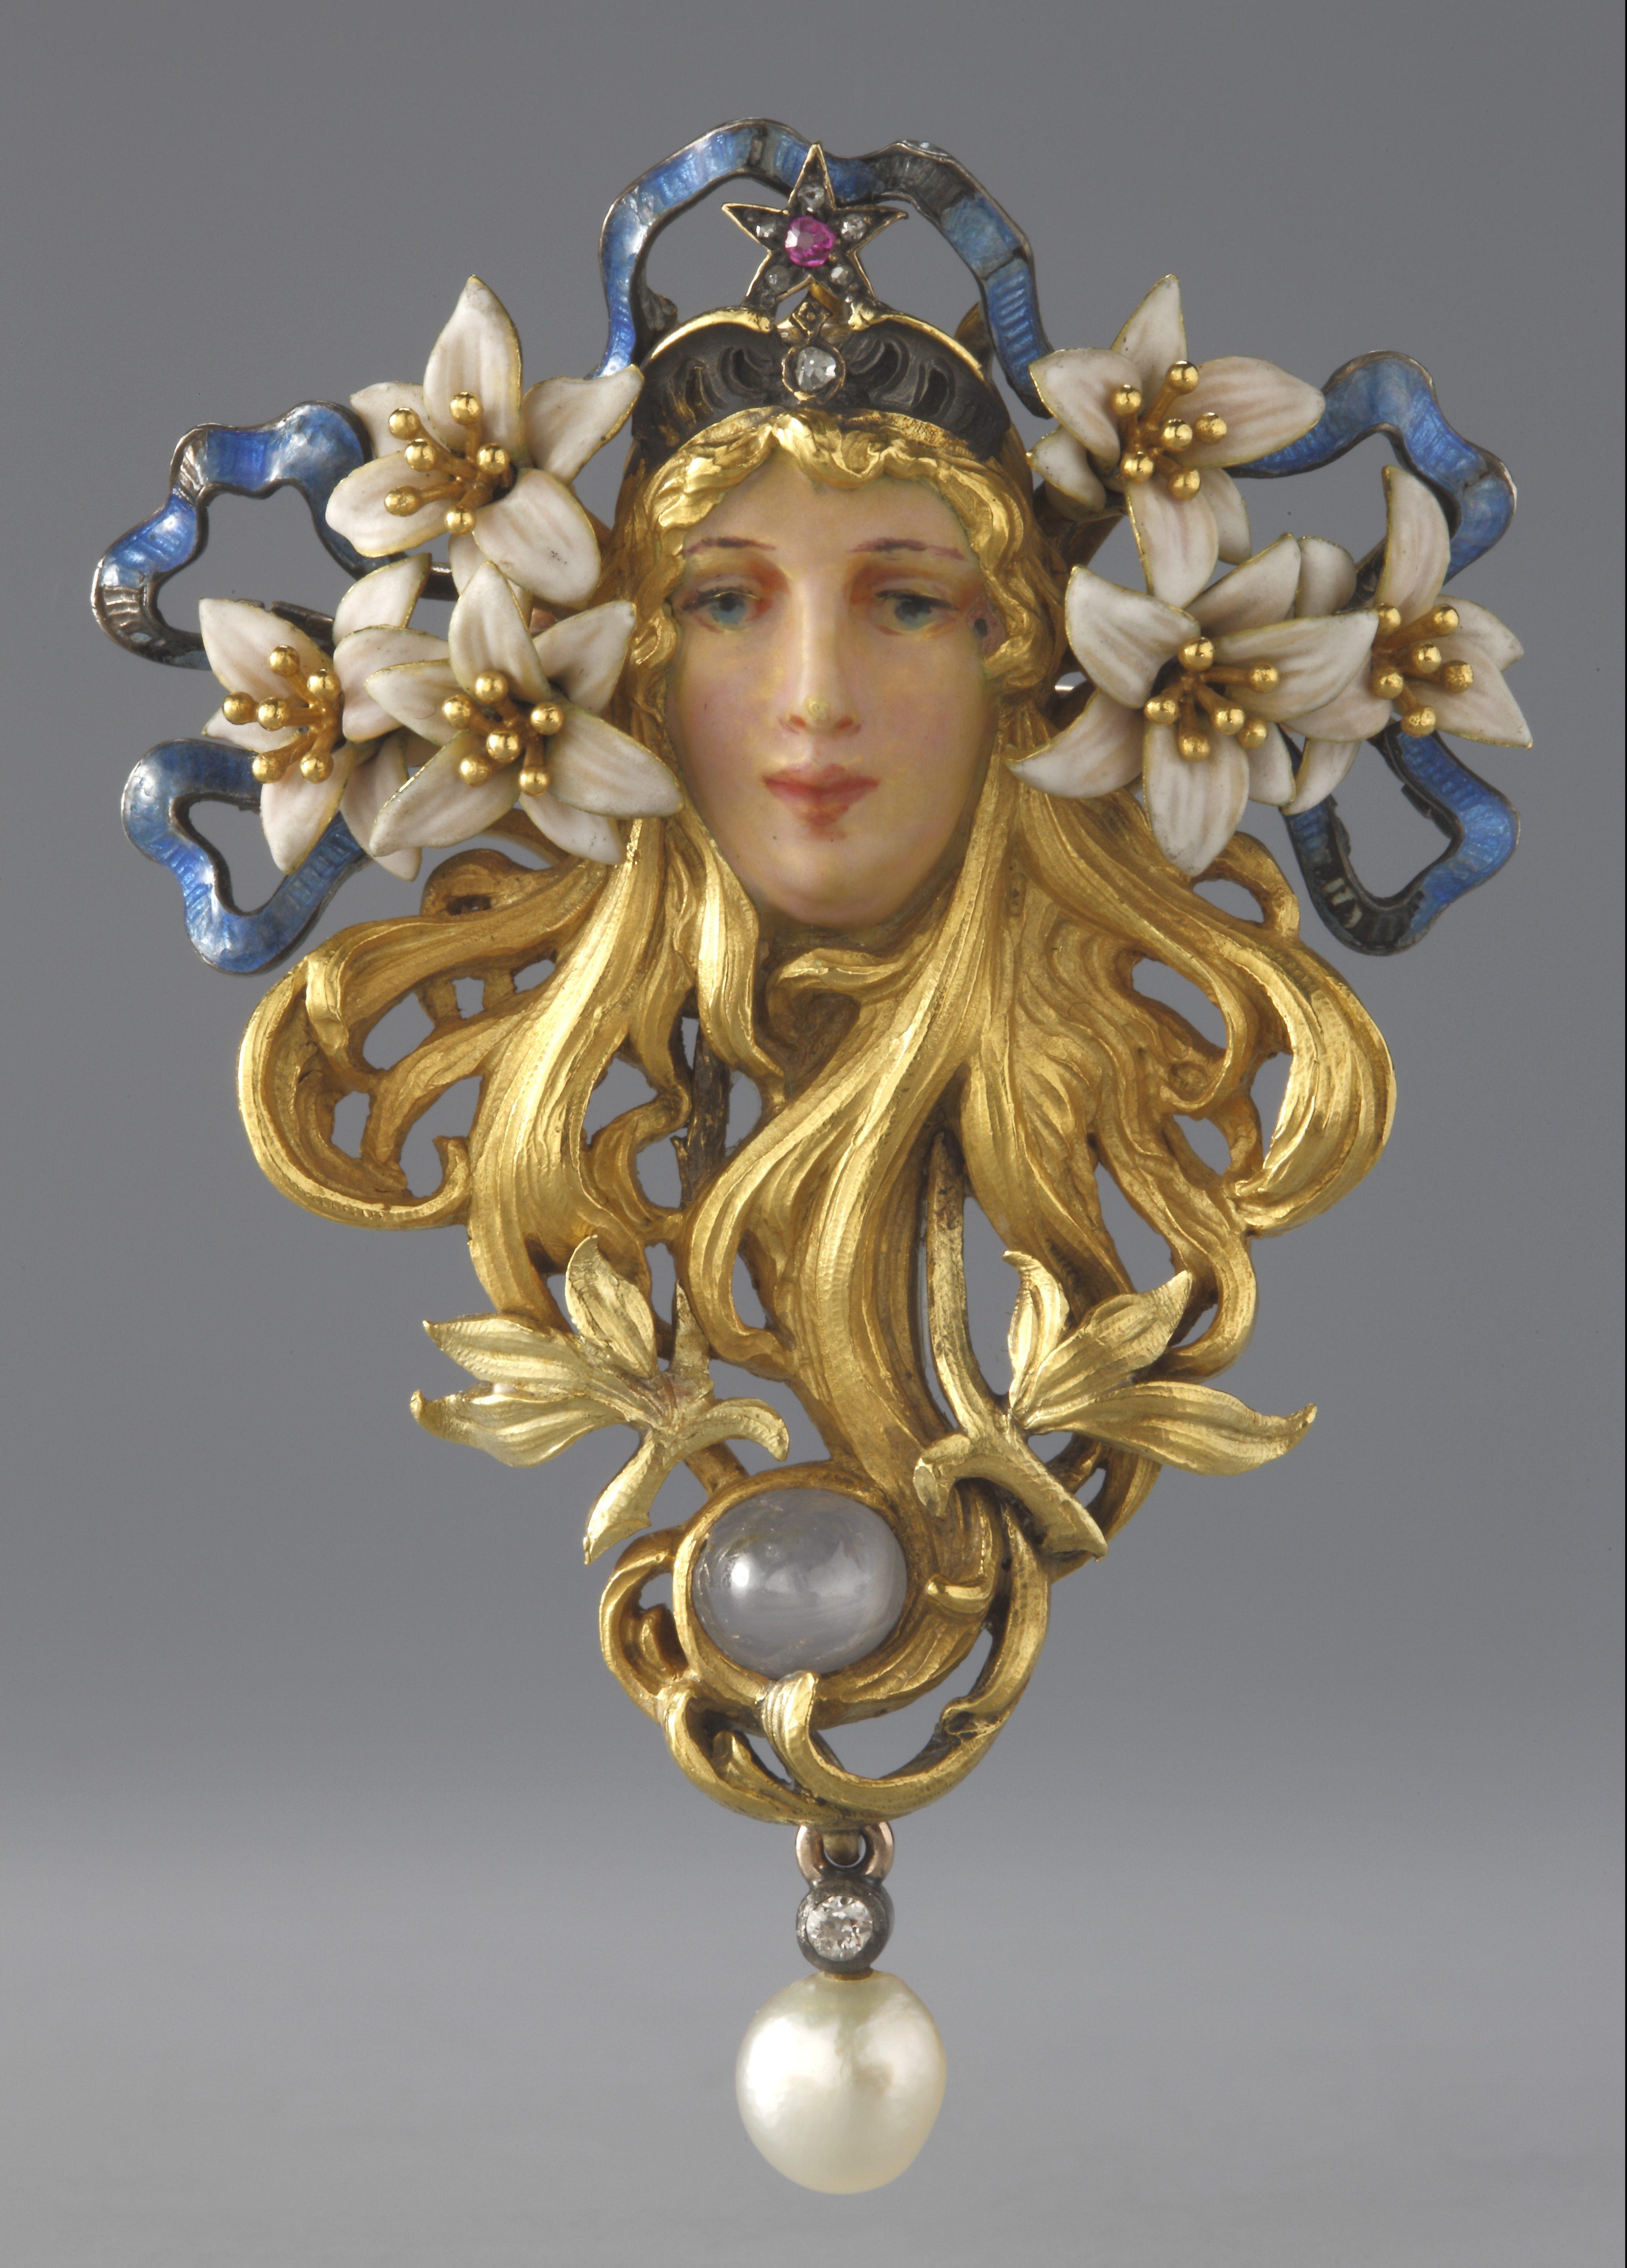 Broche Sarah Bernhardt, broche, naar ontwerp van Alfons Mucha. Collectie Hessisches Landesmuseum. Foto met dank aan Hessisches Landesmuseum, Wolfgang Fuhrmannek©